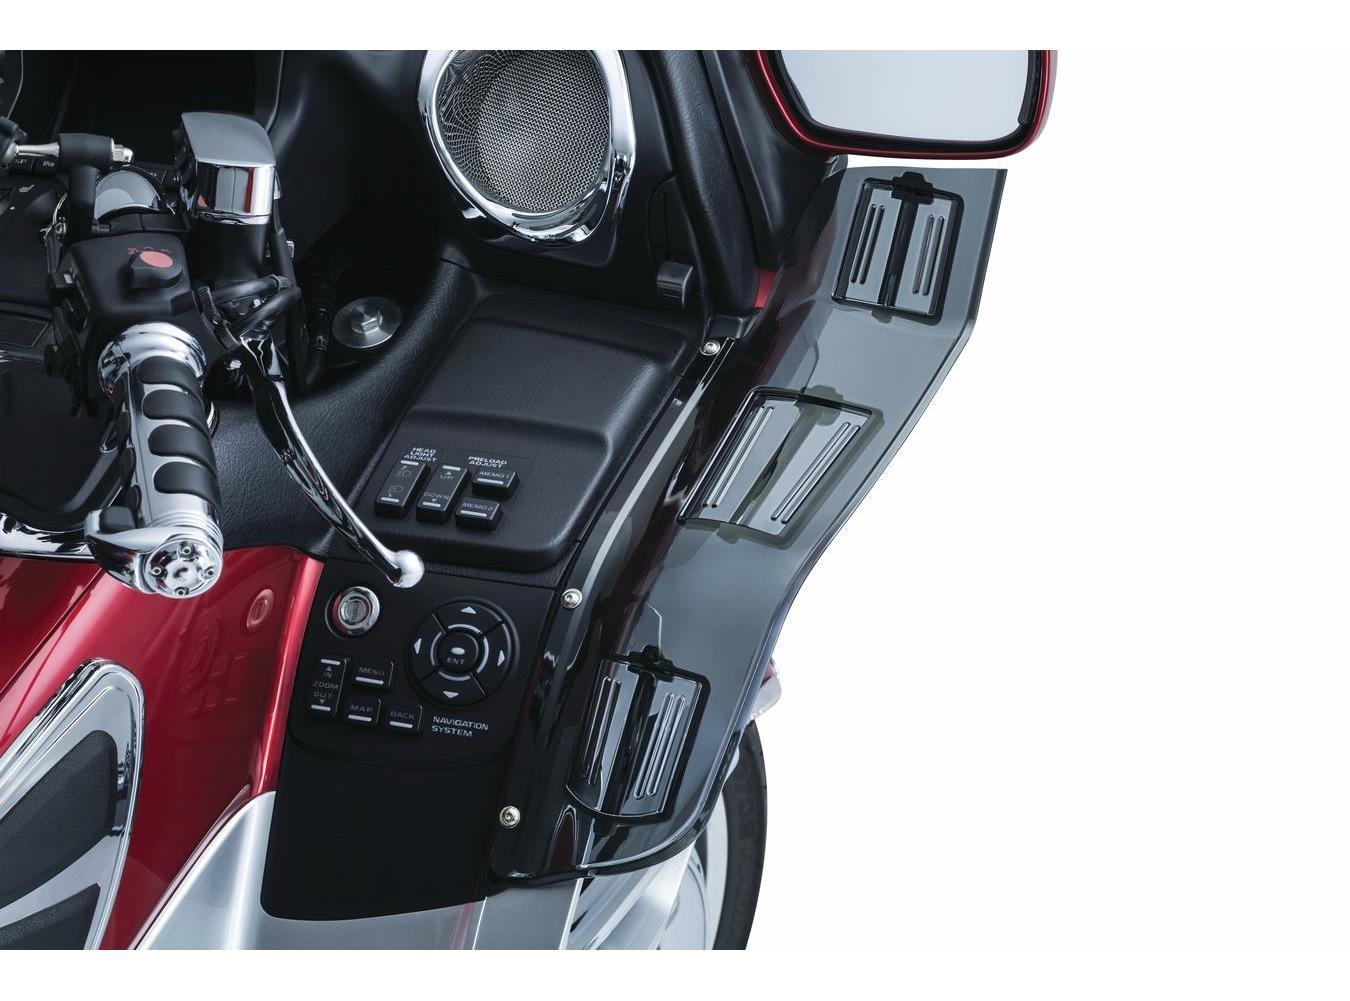 2006-2008 Honda GL1800P Gold Wing Premium Audio Wing Deflectors GL1800